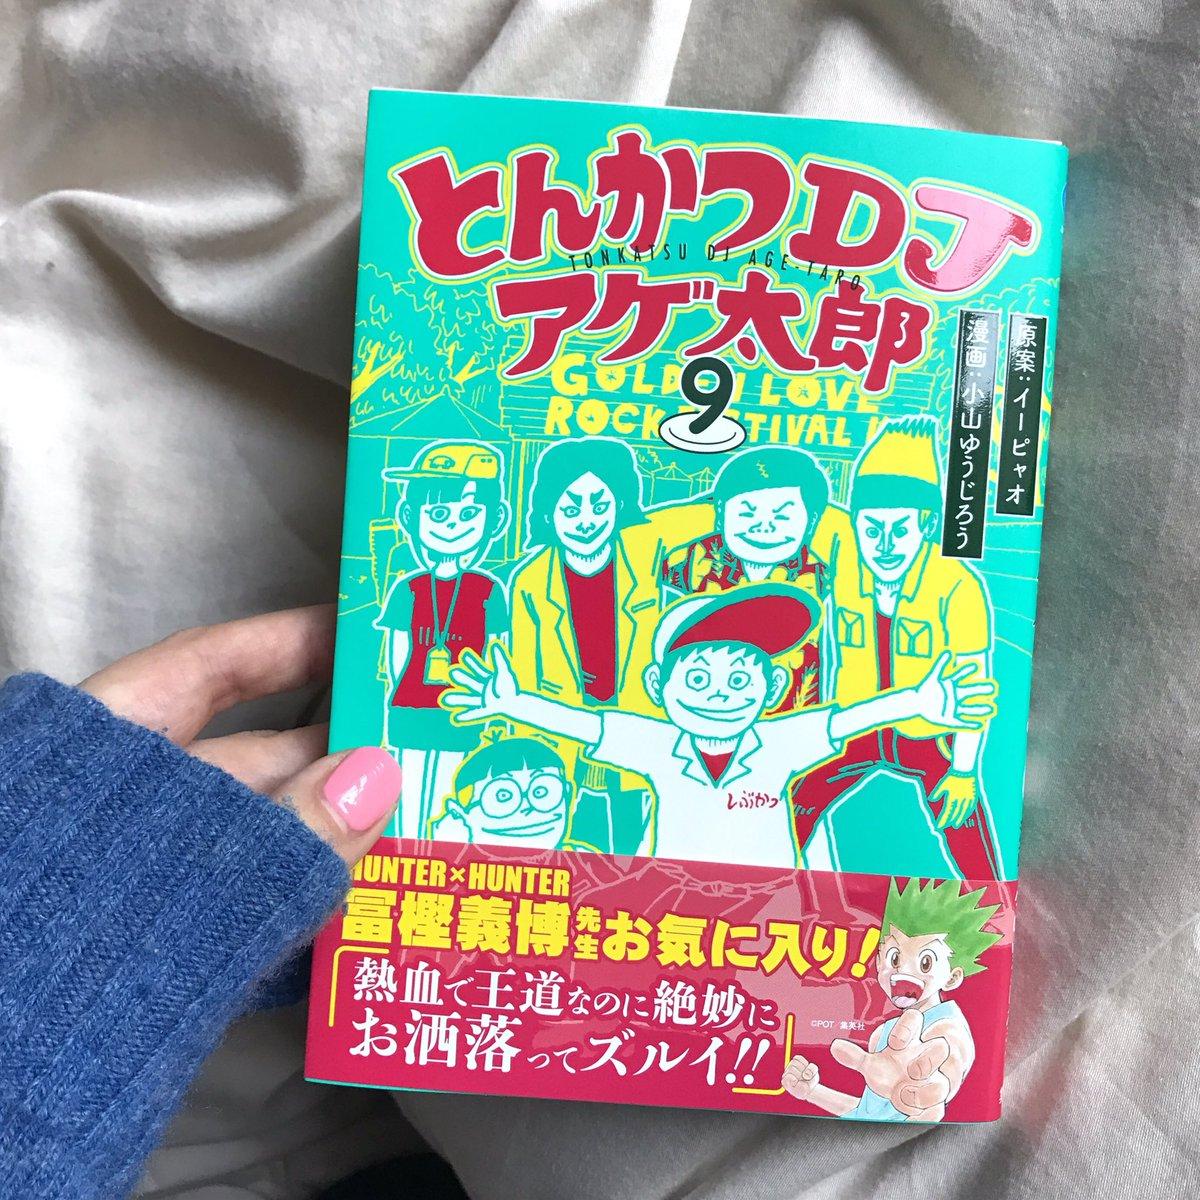 今回もデザイン丸っと担当しているとんかつDJアゲ太郎、最新9巻は本日大晦日発売🎉綺麗なグリーンです🌳グラビアは万世のカツ